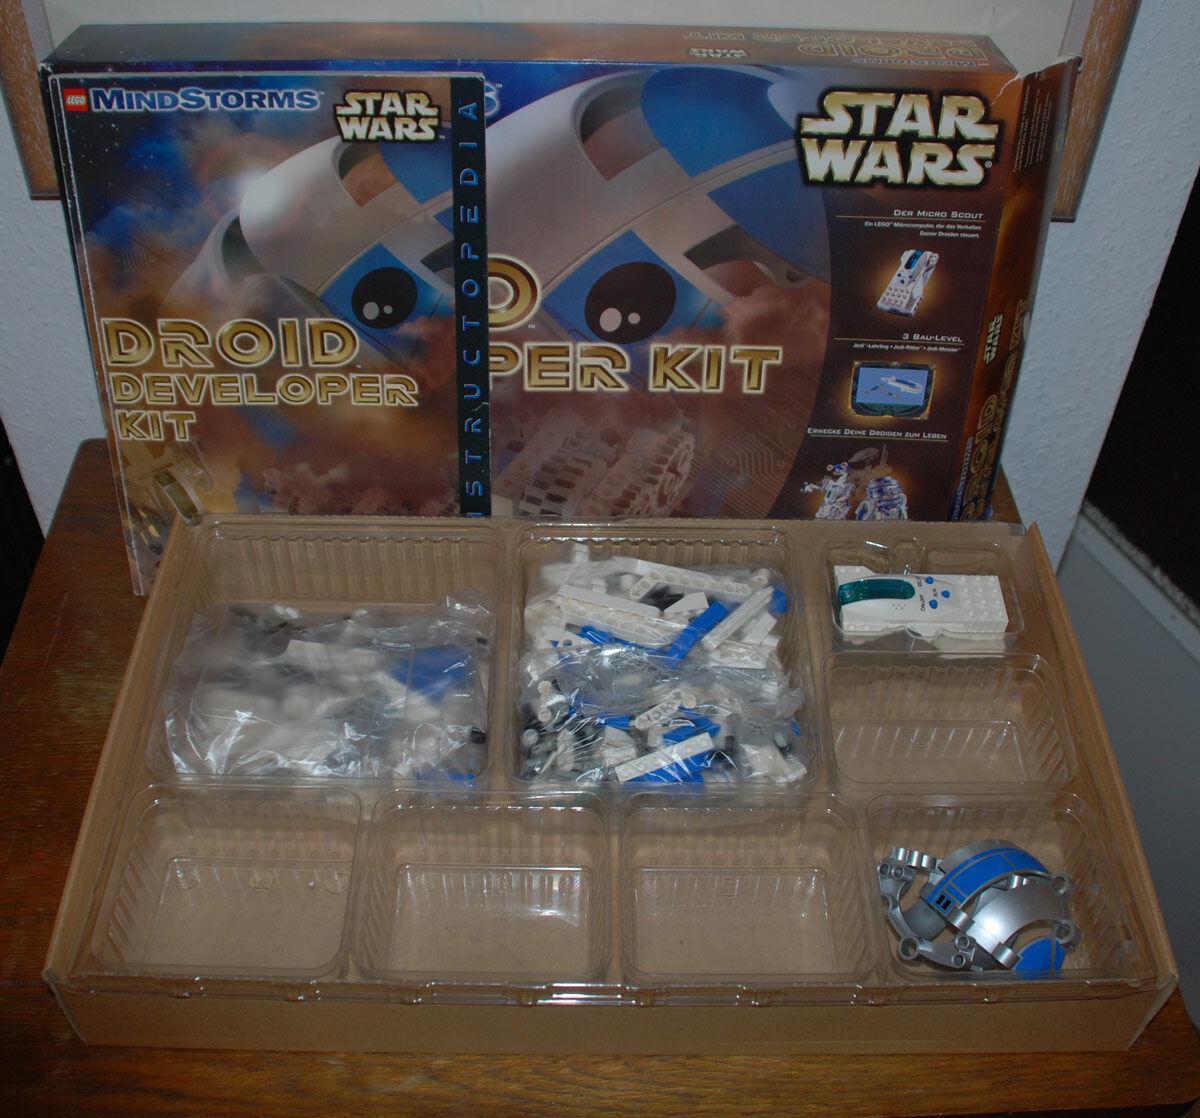 Lego Star Wars Mindstorms Droid Developer Kit 9748 in in in OVP 086674